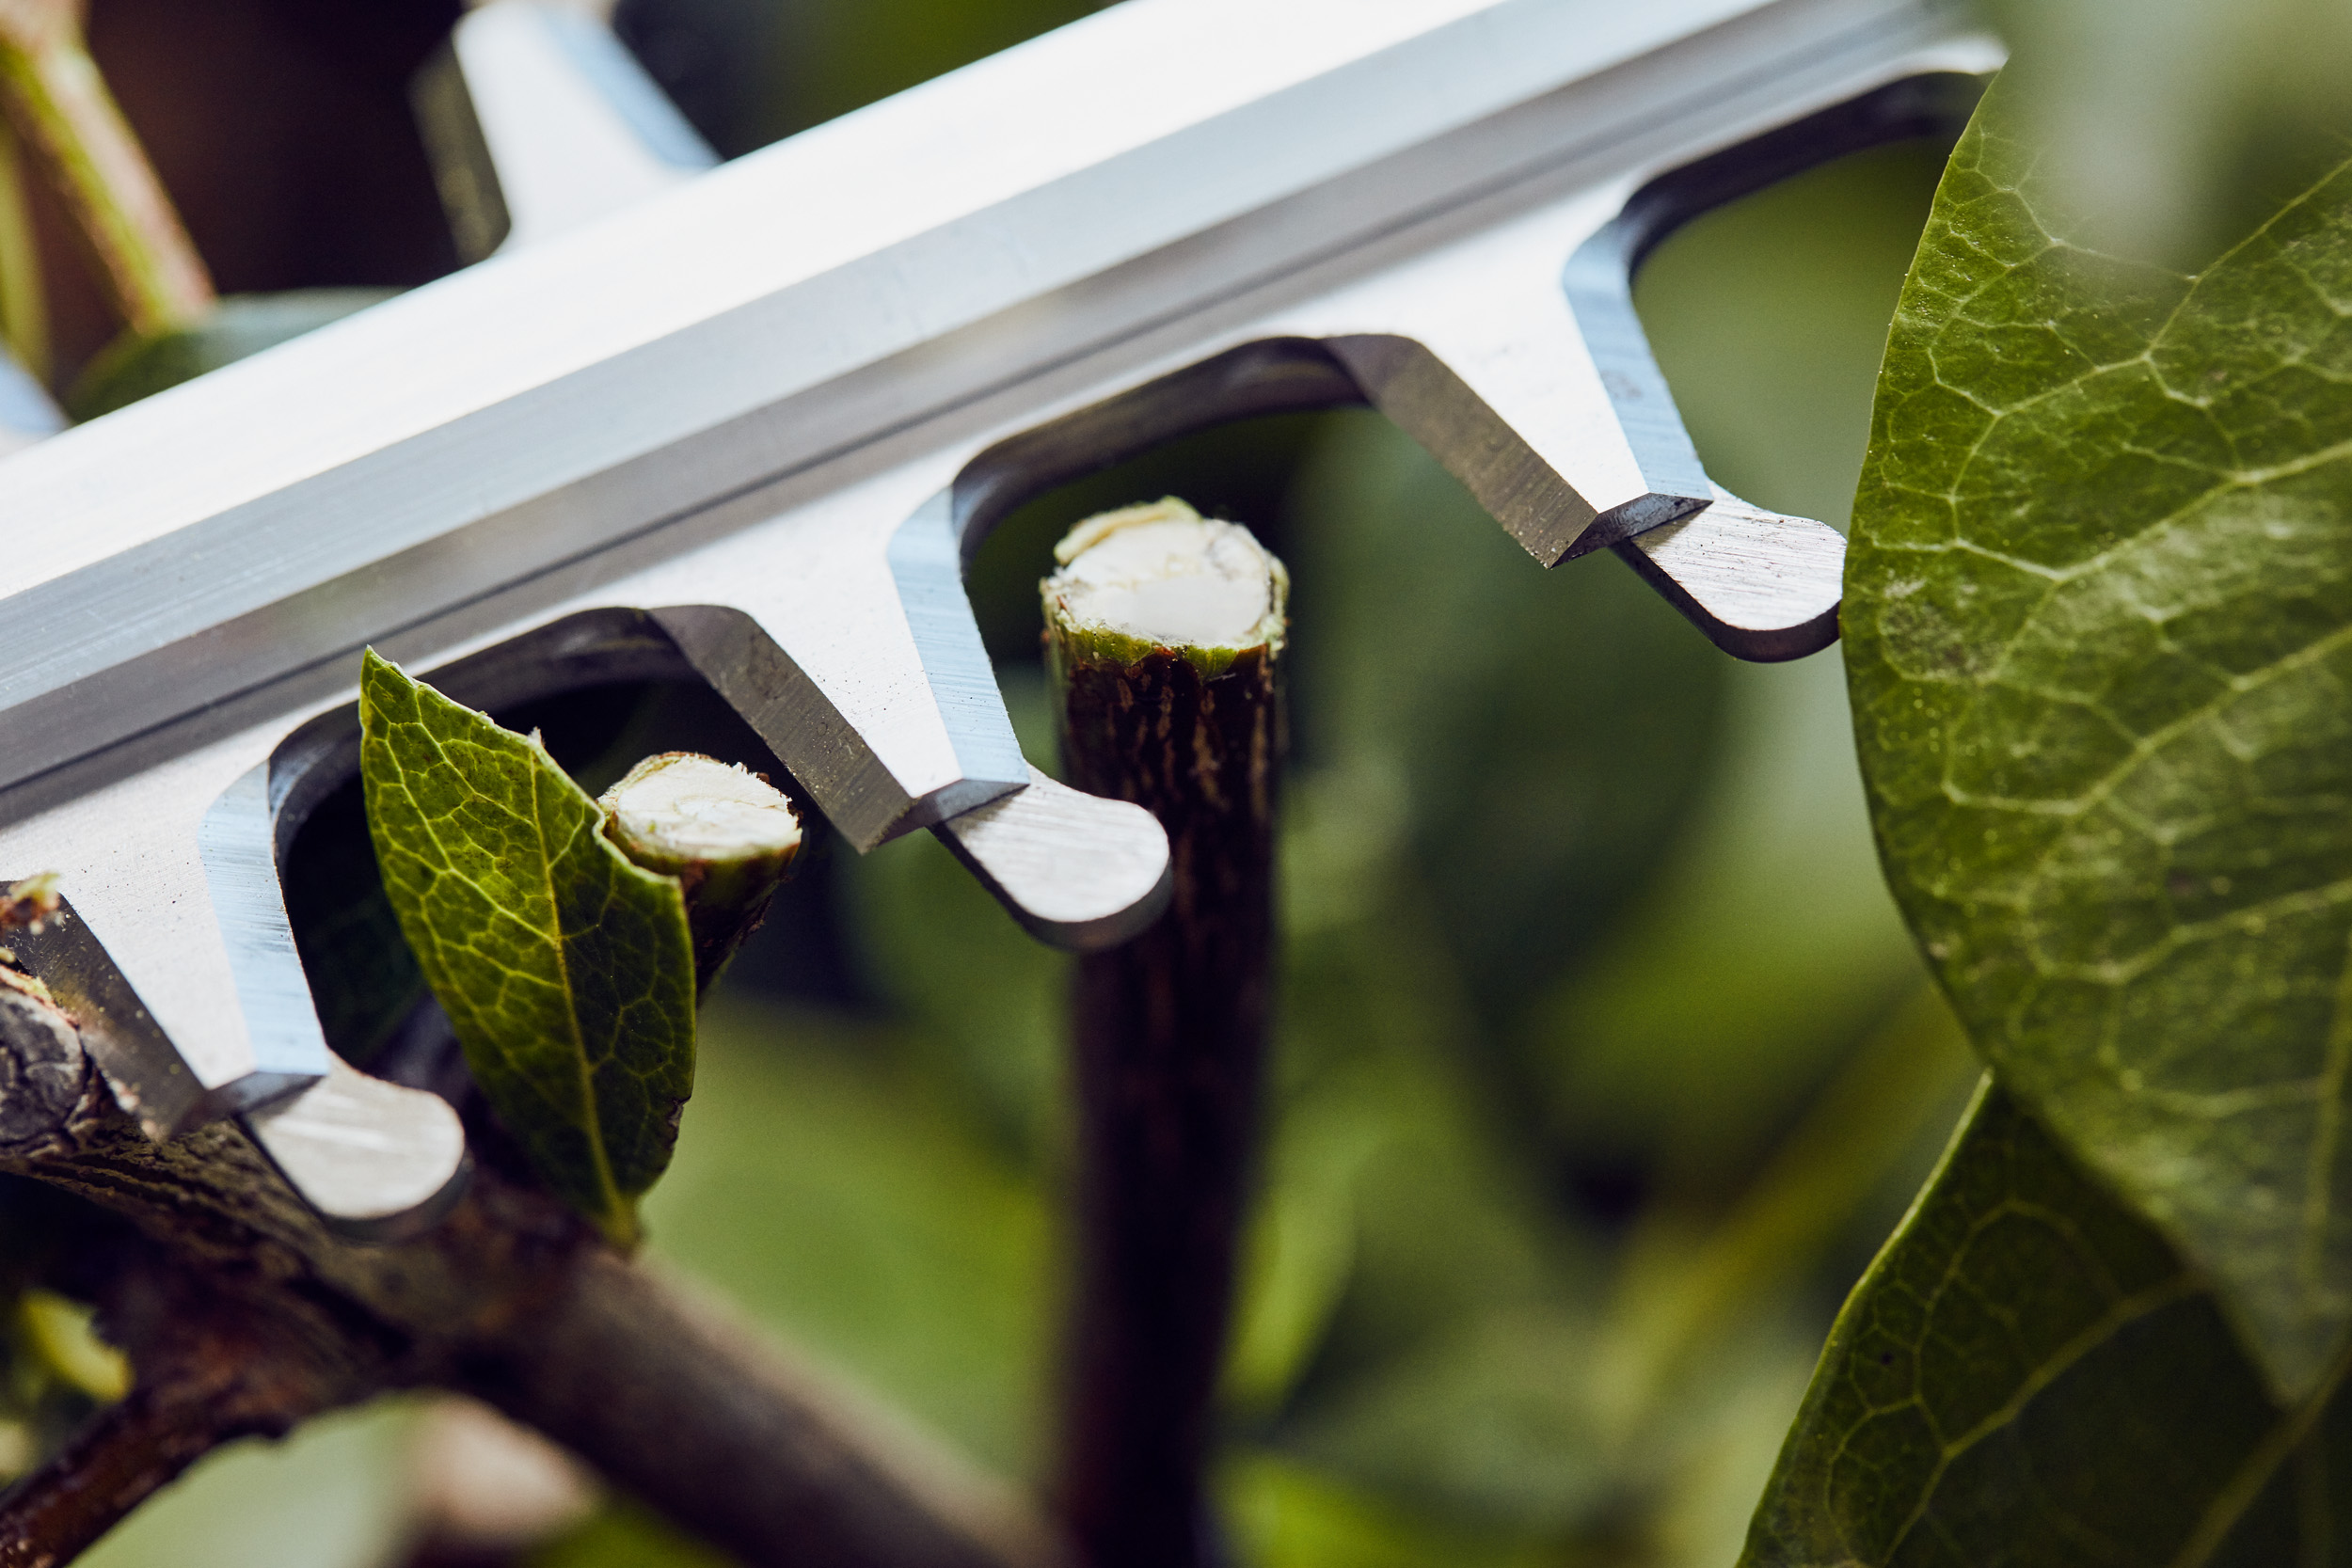 כלי גינון לגיזום גדר חי